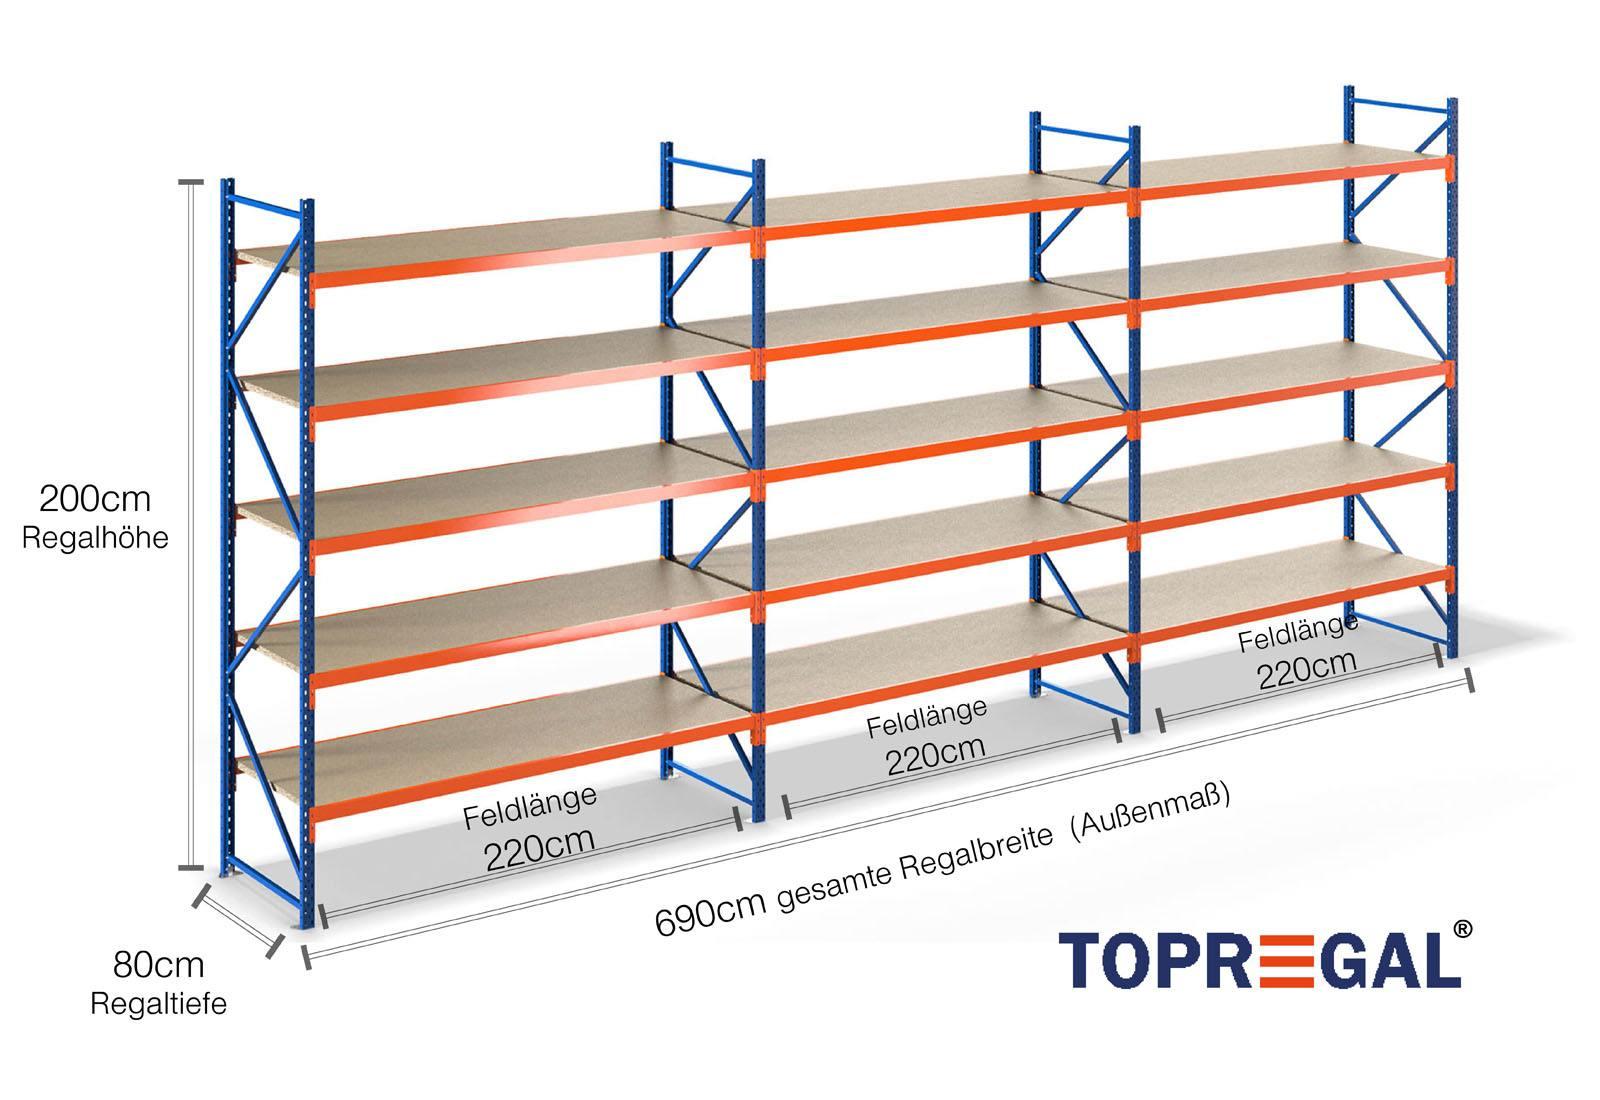 6 9m weitspannregal 200cm hoch 80cm tief mit 5 ebenen inkl. Black Bedroom Furniture Sets. Home Design Ideas